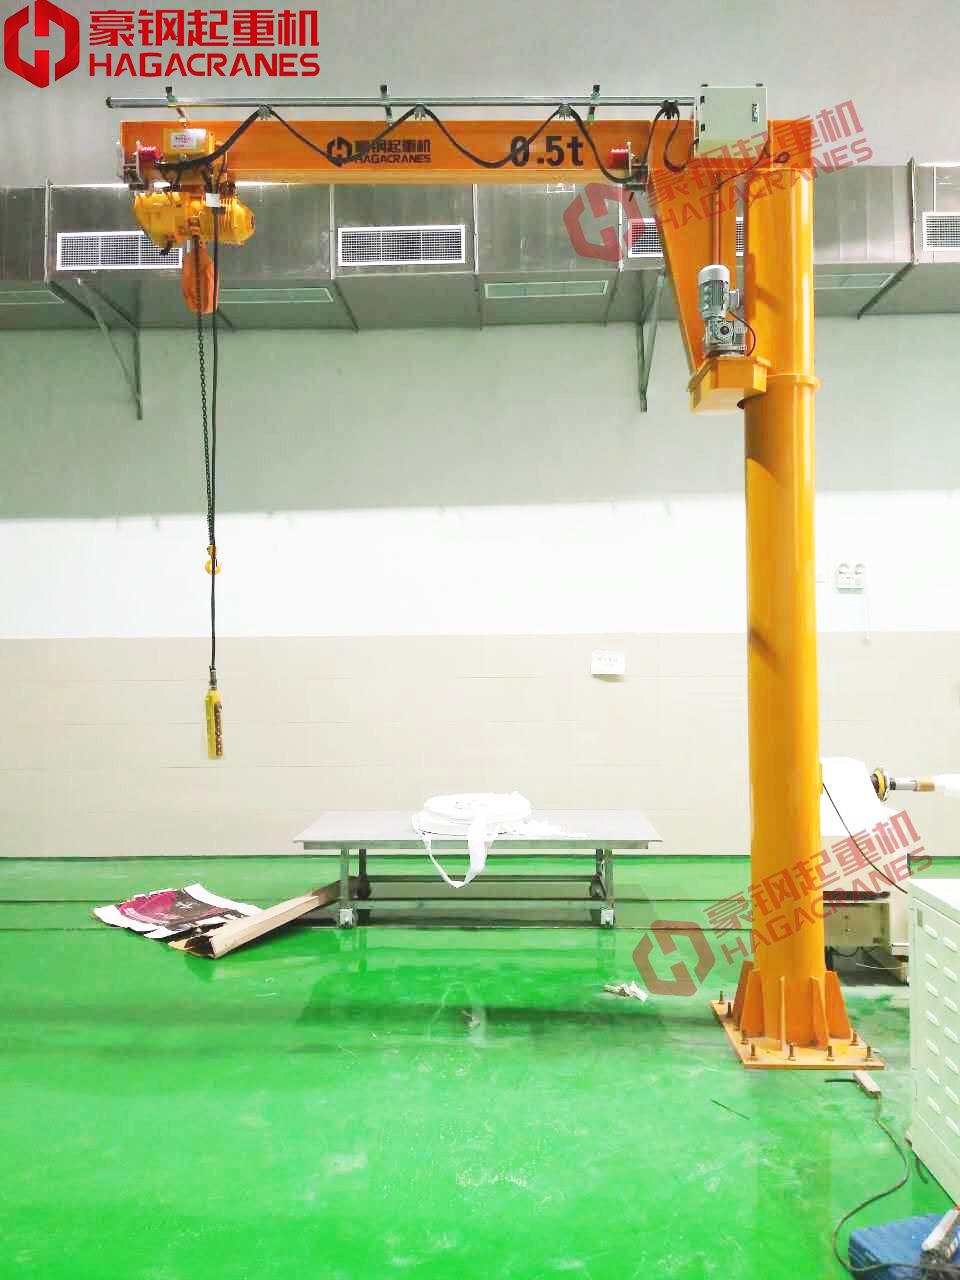 旋臂起重机 悬臂起重机 悬臂吊销售